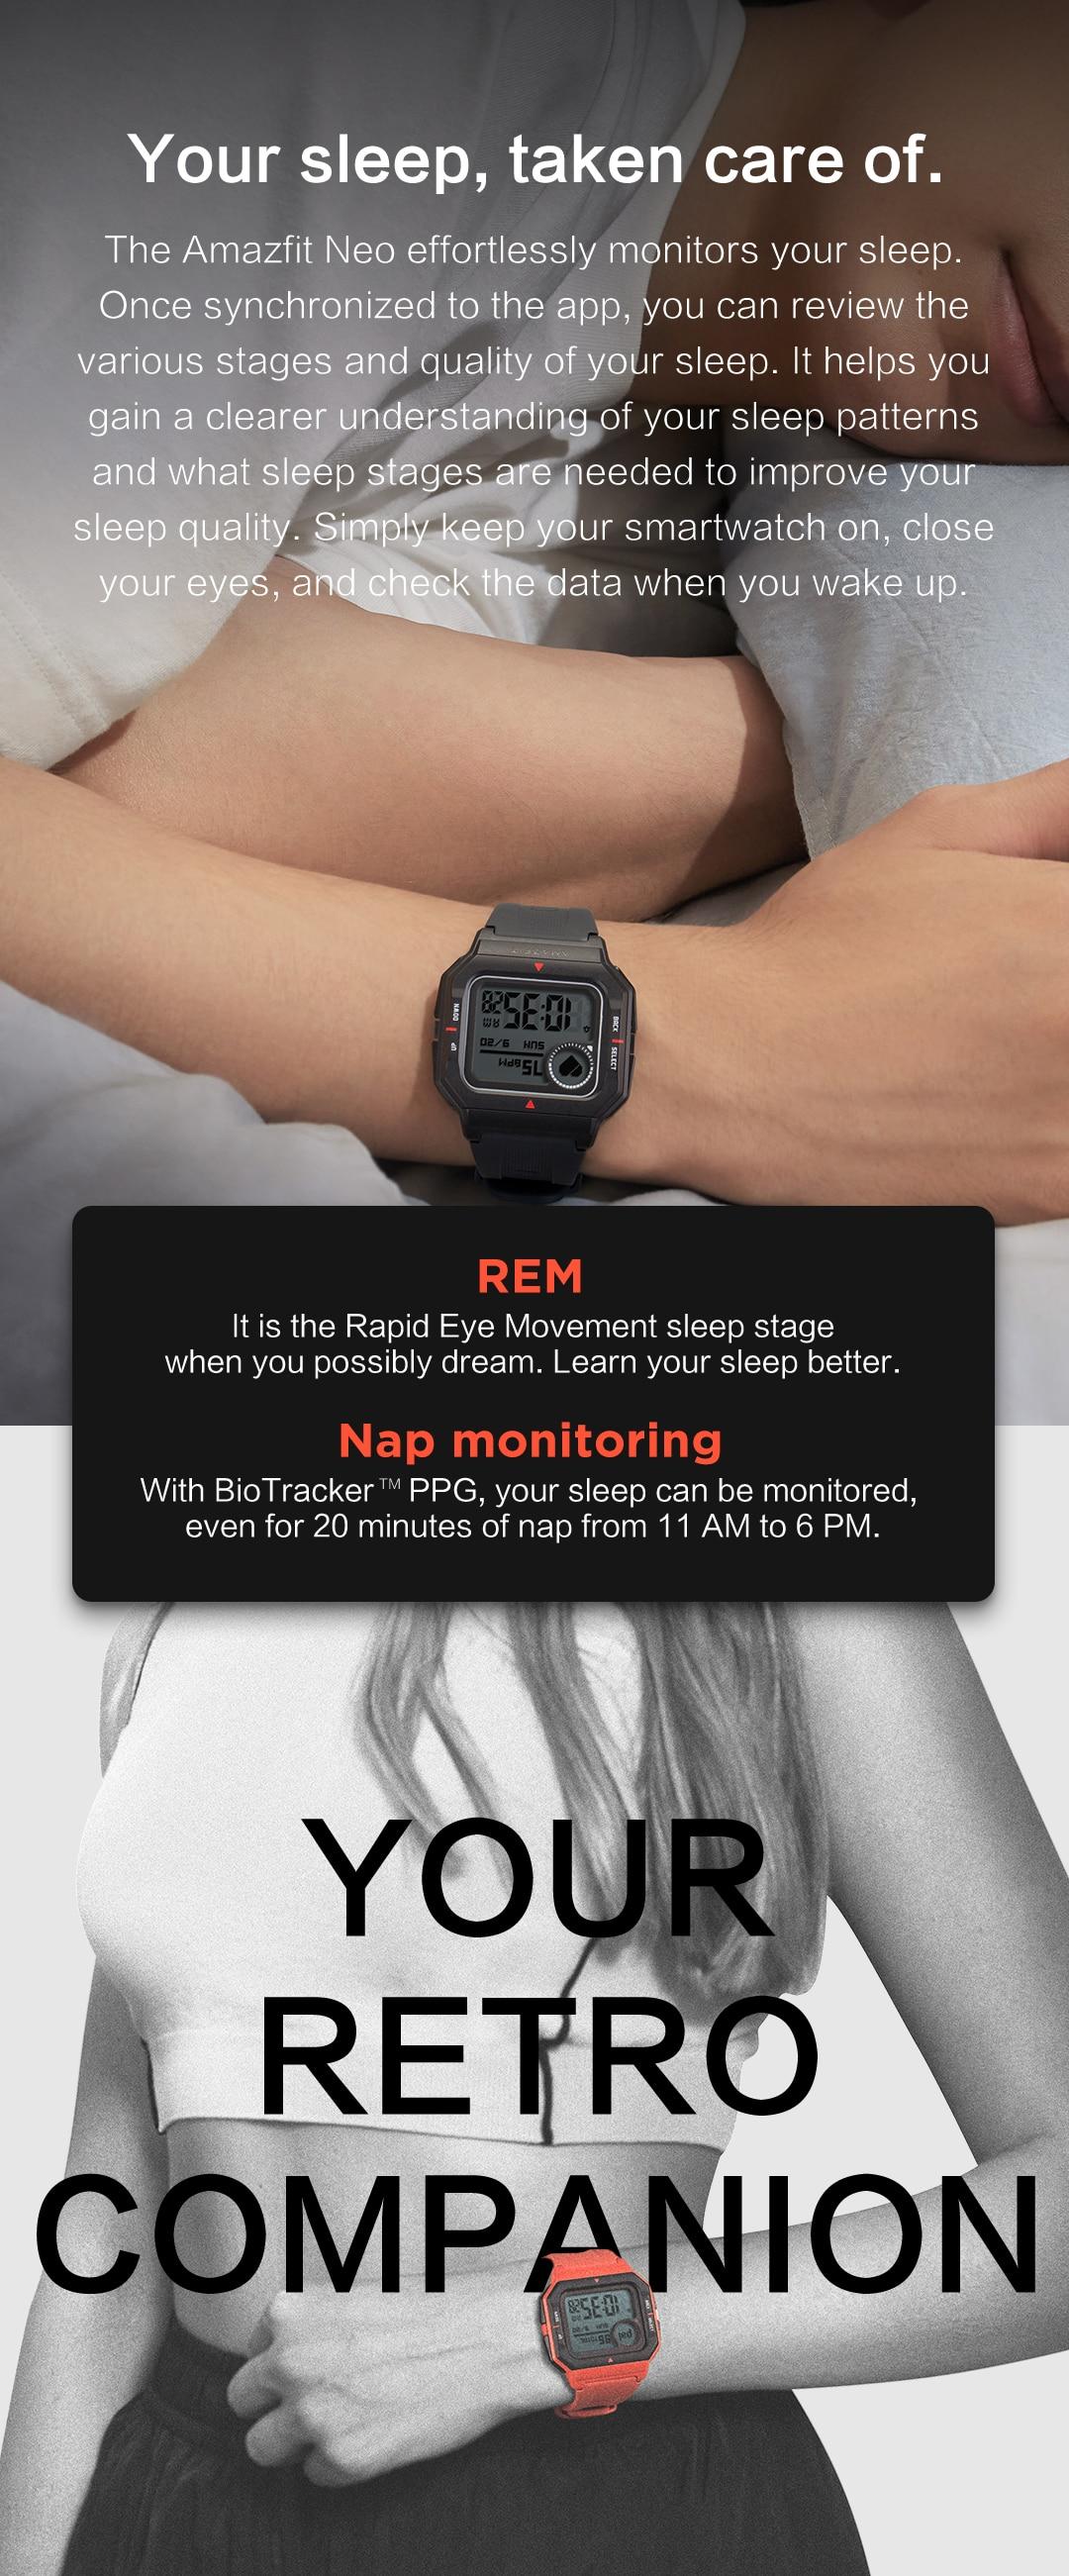 Amazfit Neo Bluetooth Smartwatch 6